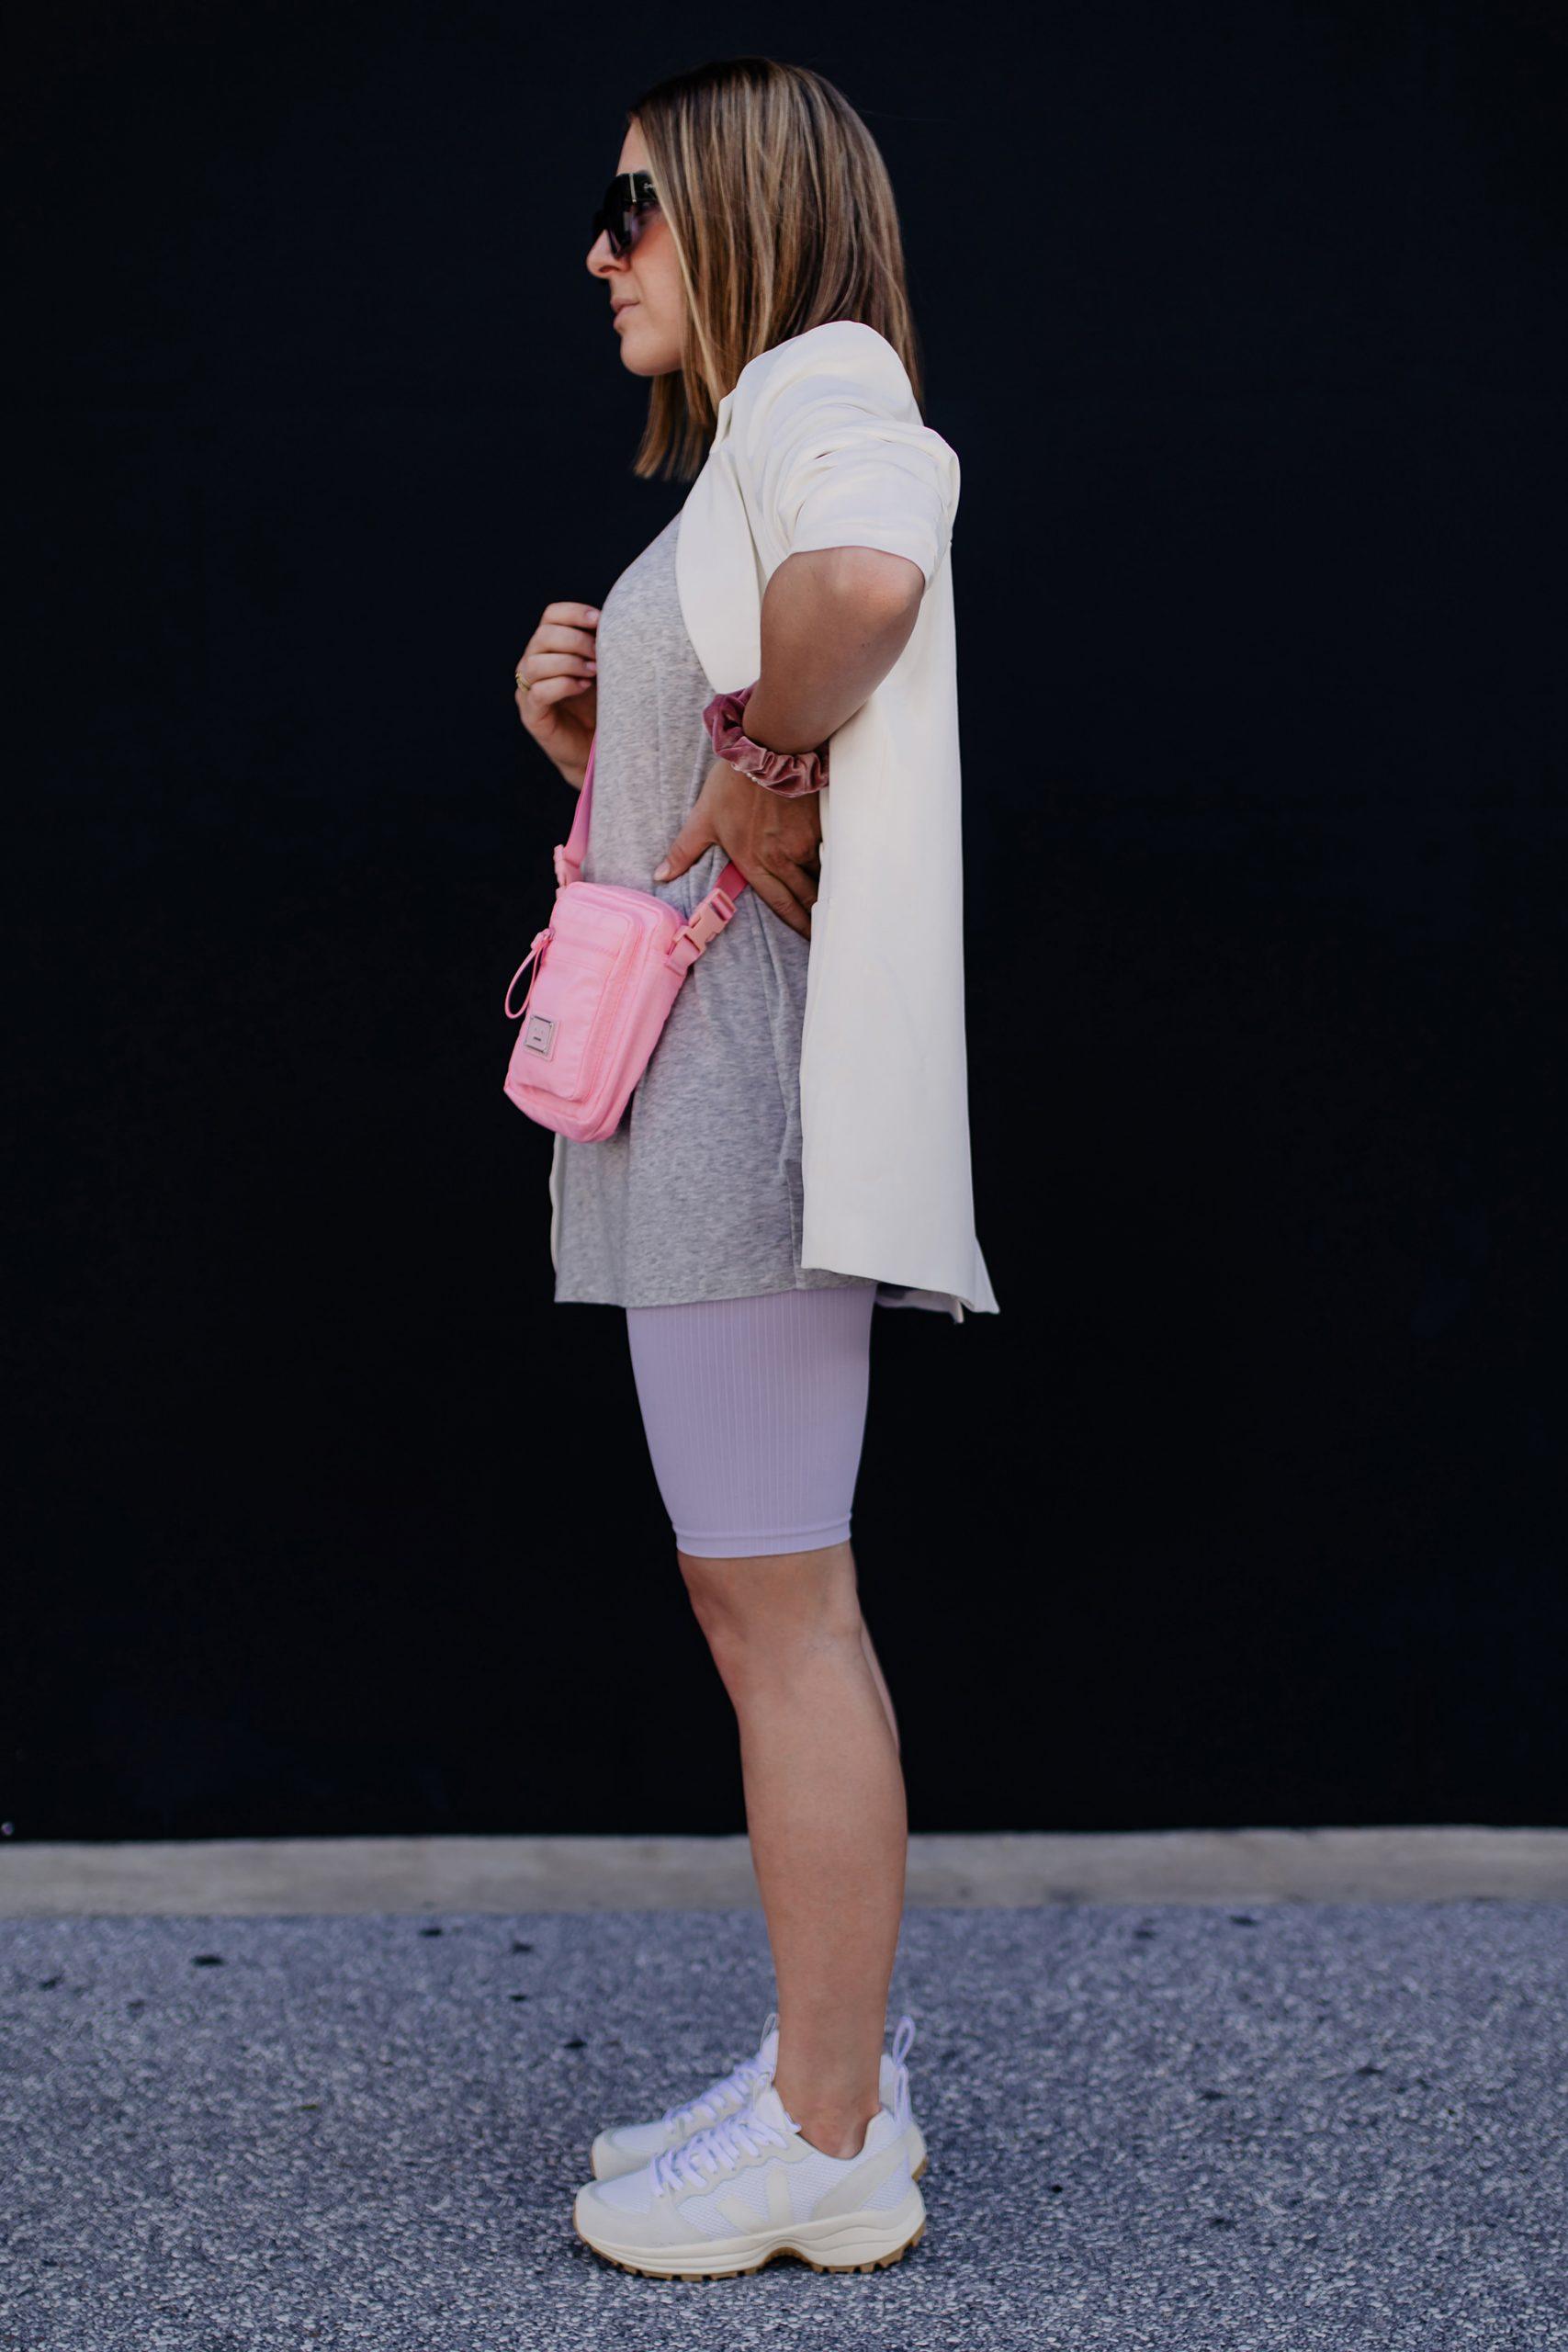 Du möchtest wissen, wie man eine Radlerhose kombinieren kann? Meine Outfit-Idee und Styling-Tipps für den Alltag gibt es jetzt am Modeblog whoismocca.com